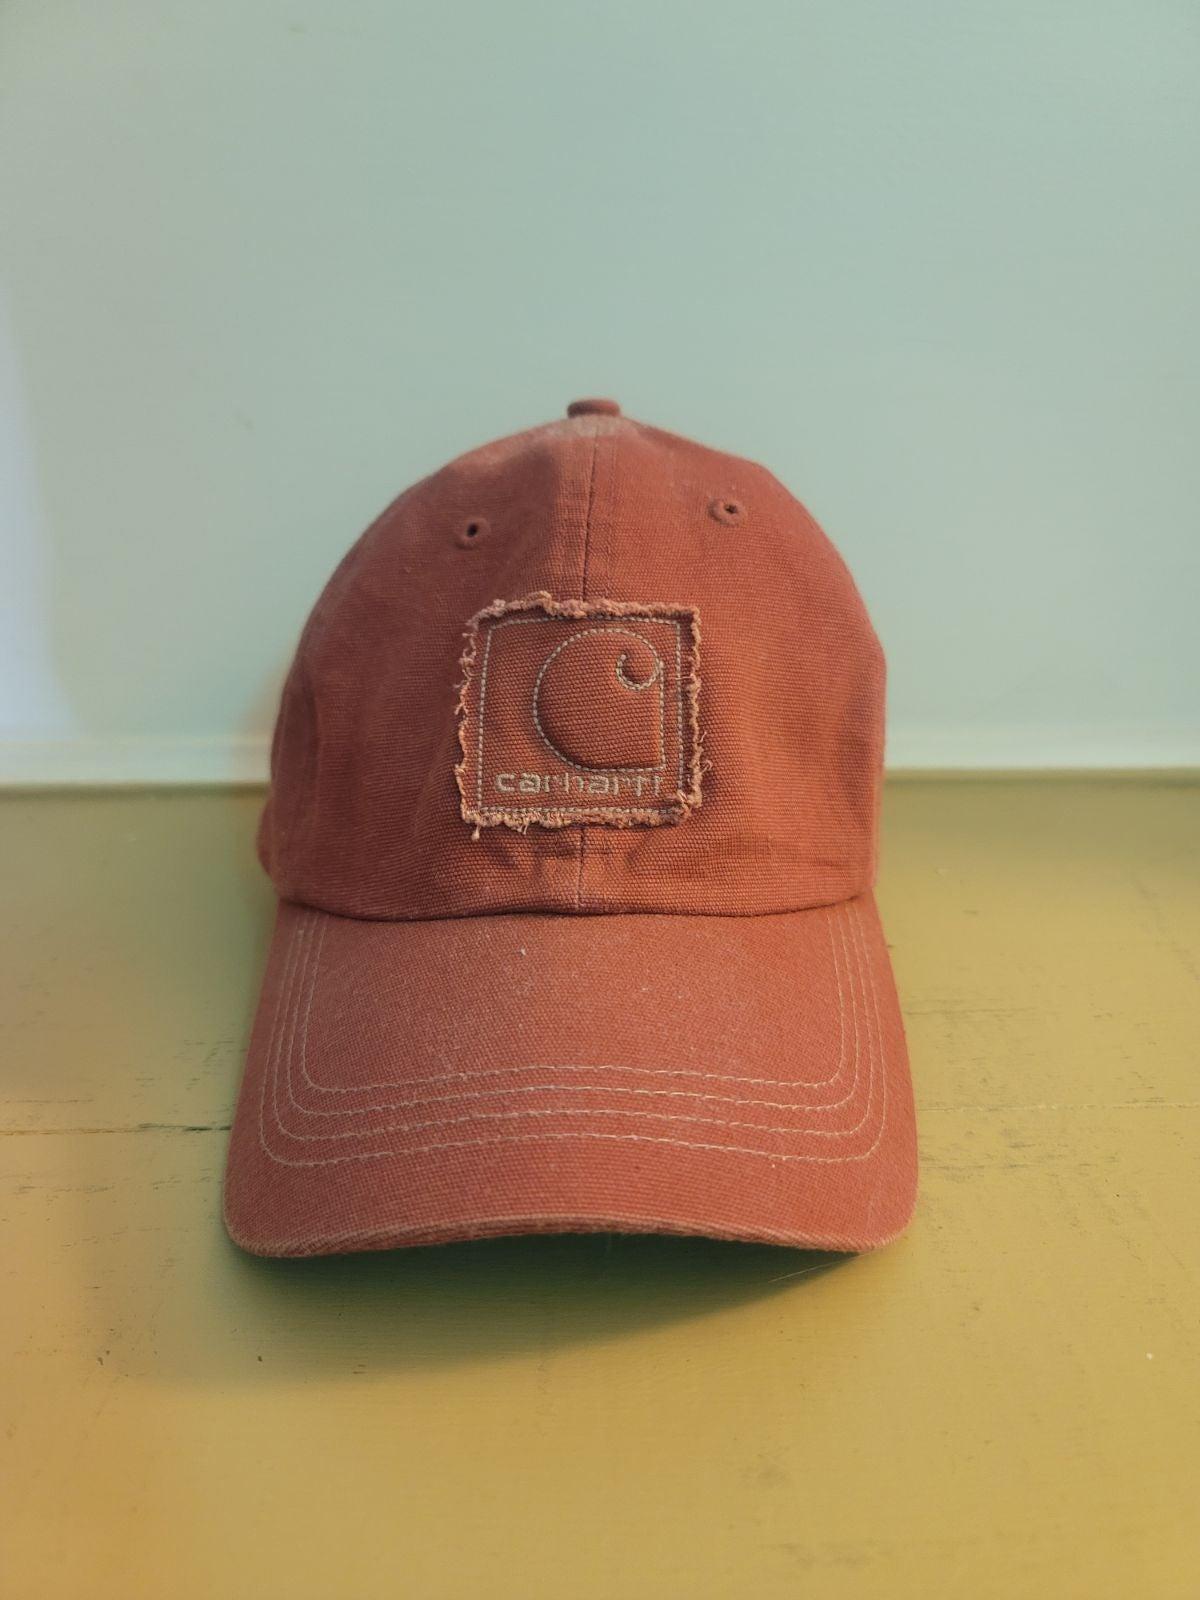 Cathartt Baseball Hat Velcro Adjustable